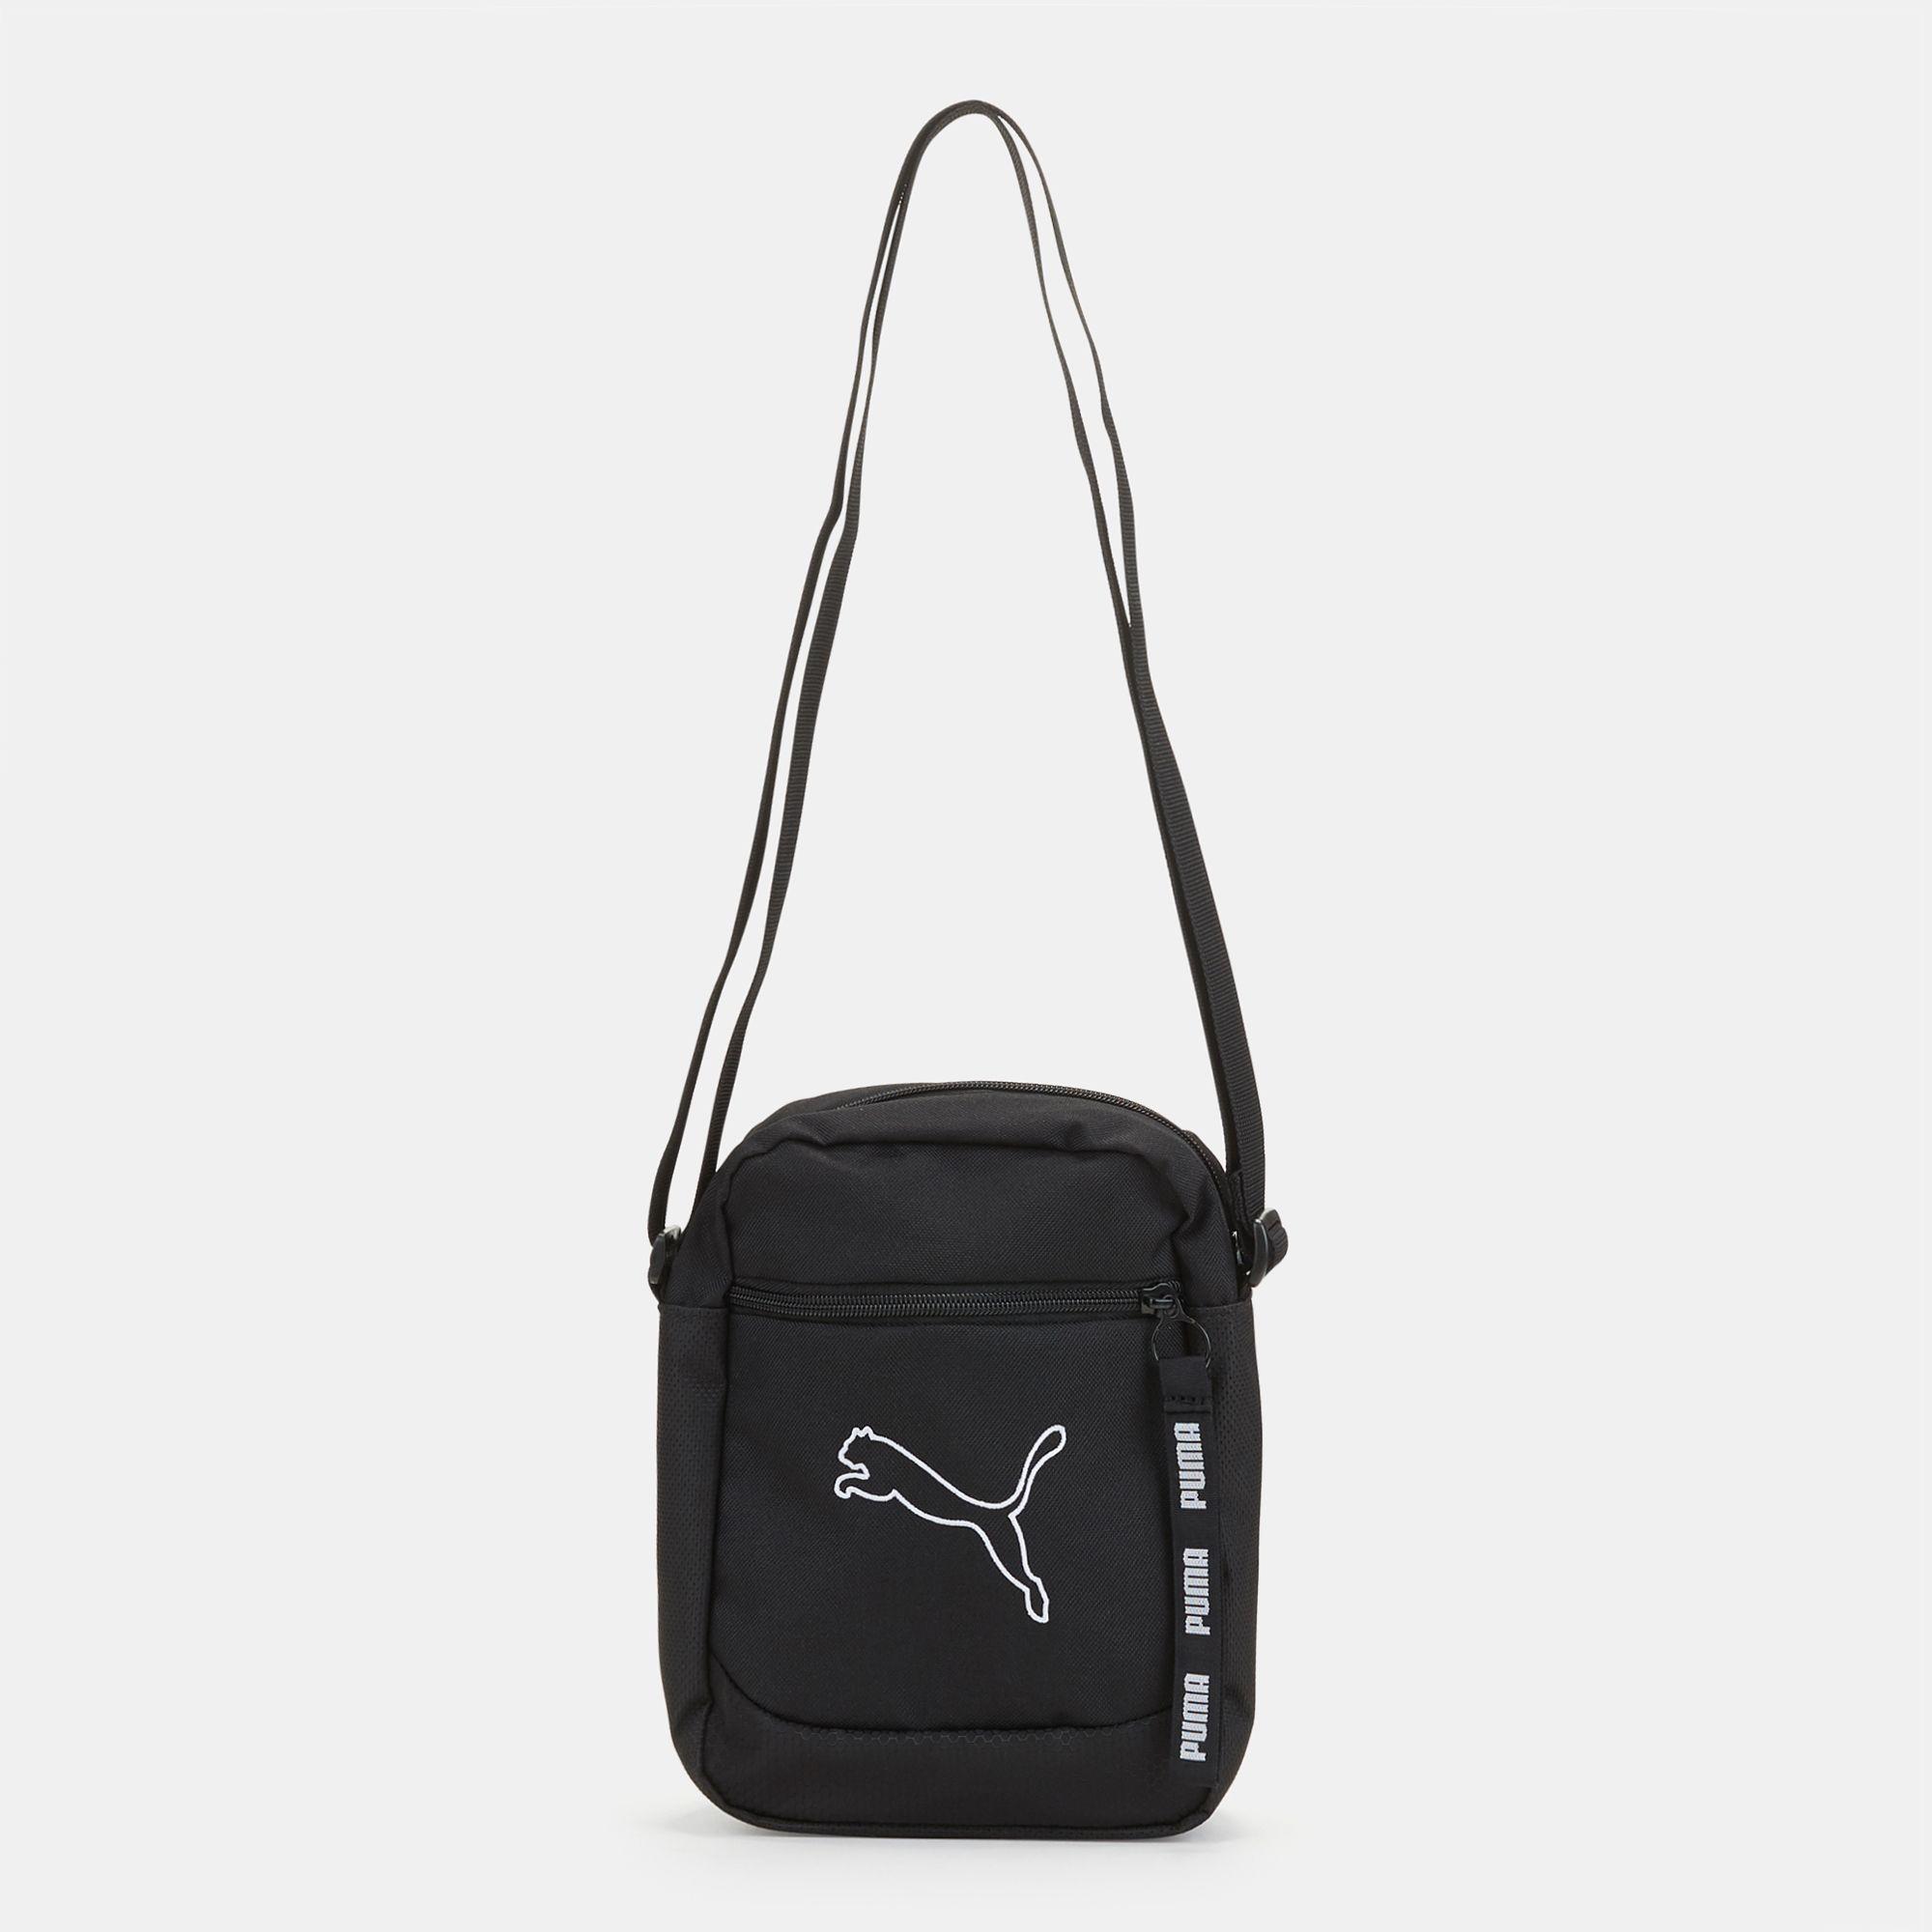 PUMA Echo Portable Bag - Black 9d43434f7964c